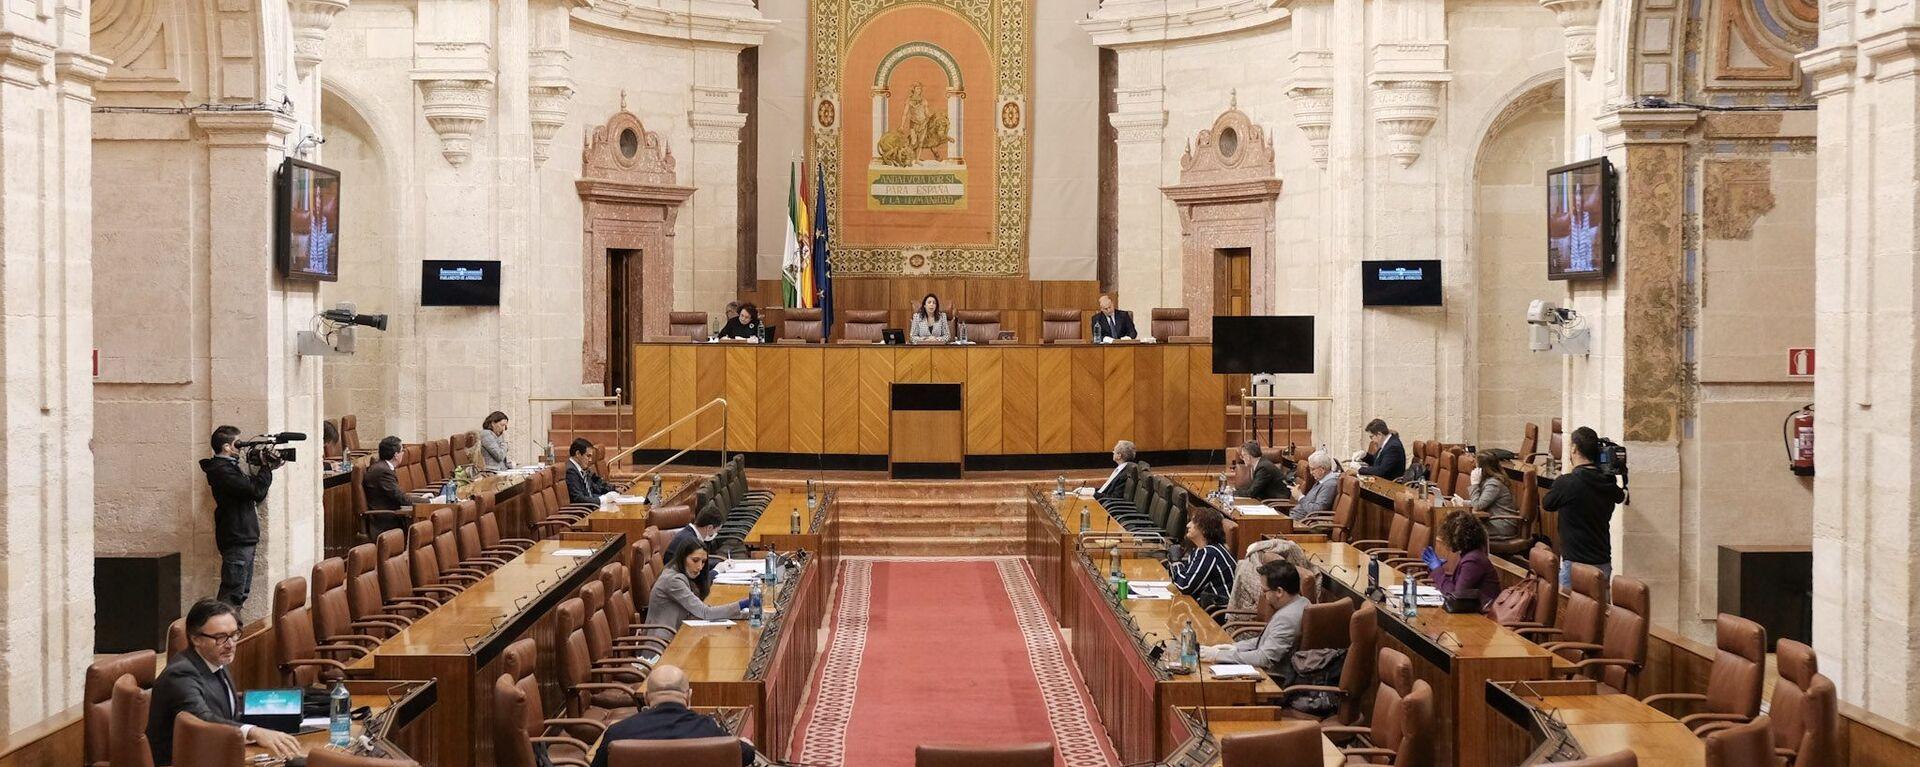 La Diputación Permanente del Parlamento de Andalucía - Sputnik Mundo, 1920, 04.04.2020